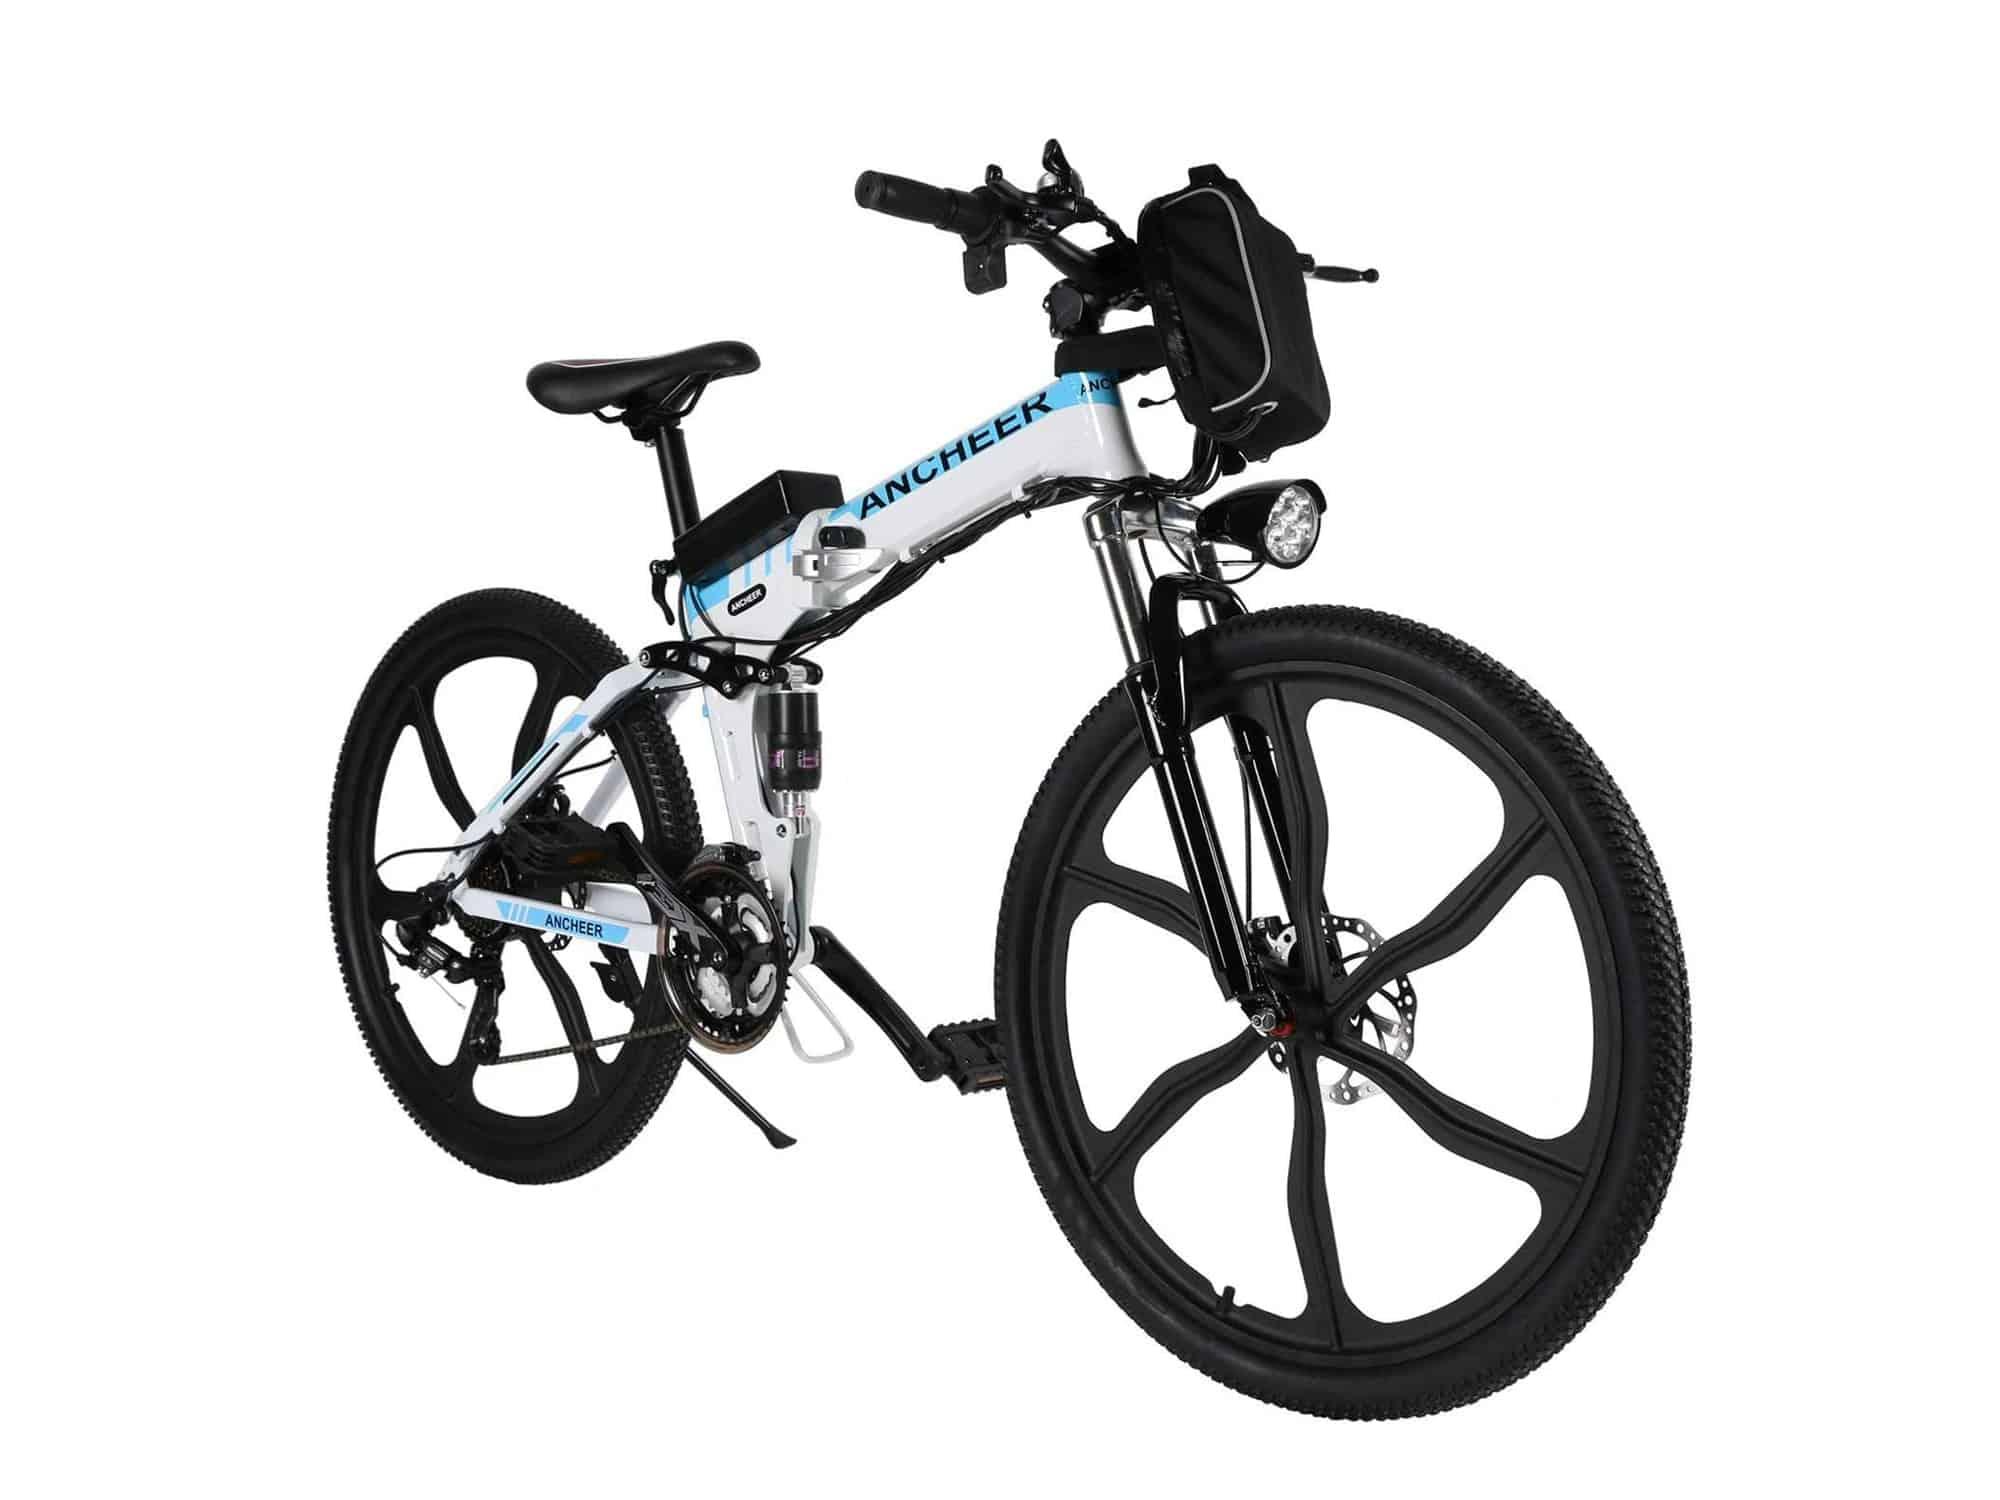 ancheer electric folding mountain bike